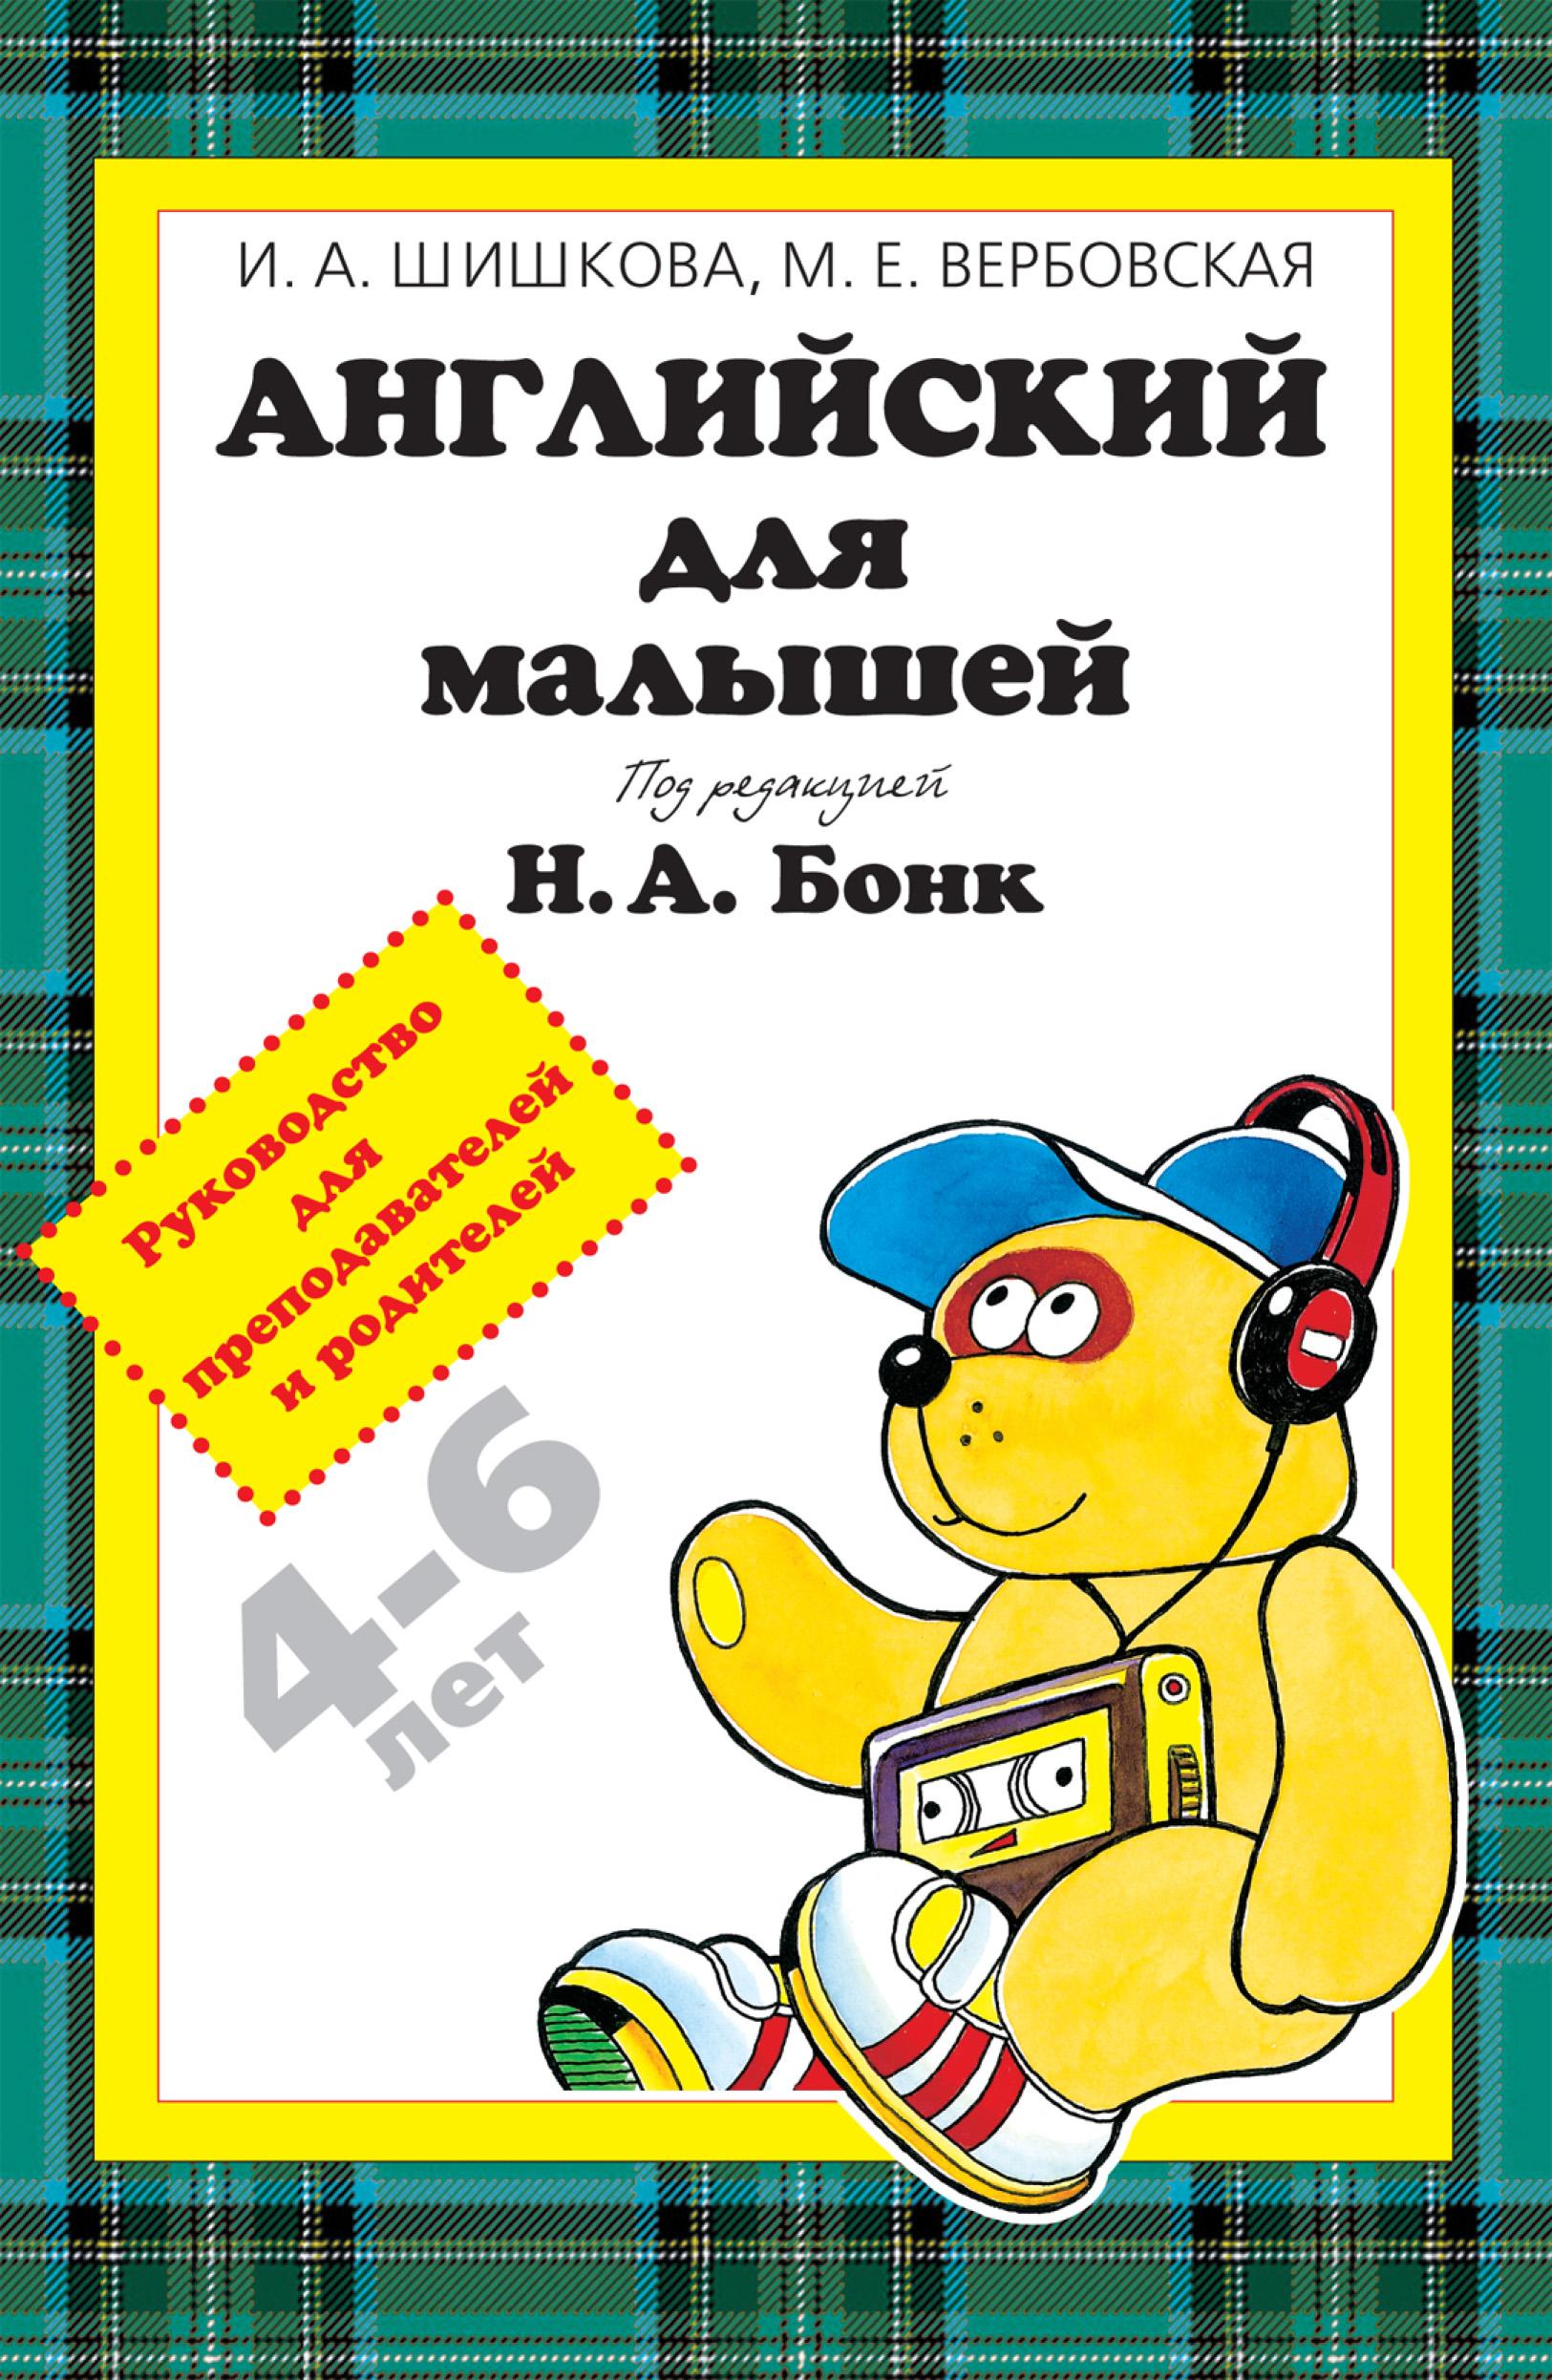 И. А. Шишкова Английский для малышей 4-6 лет. Руководство для преподавателей и родителей в а державина английский для малышей 4 6 лет